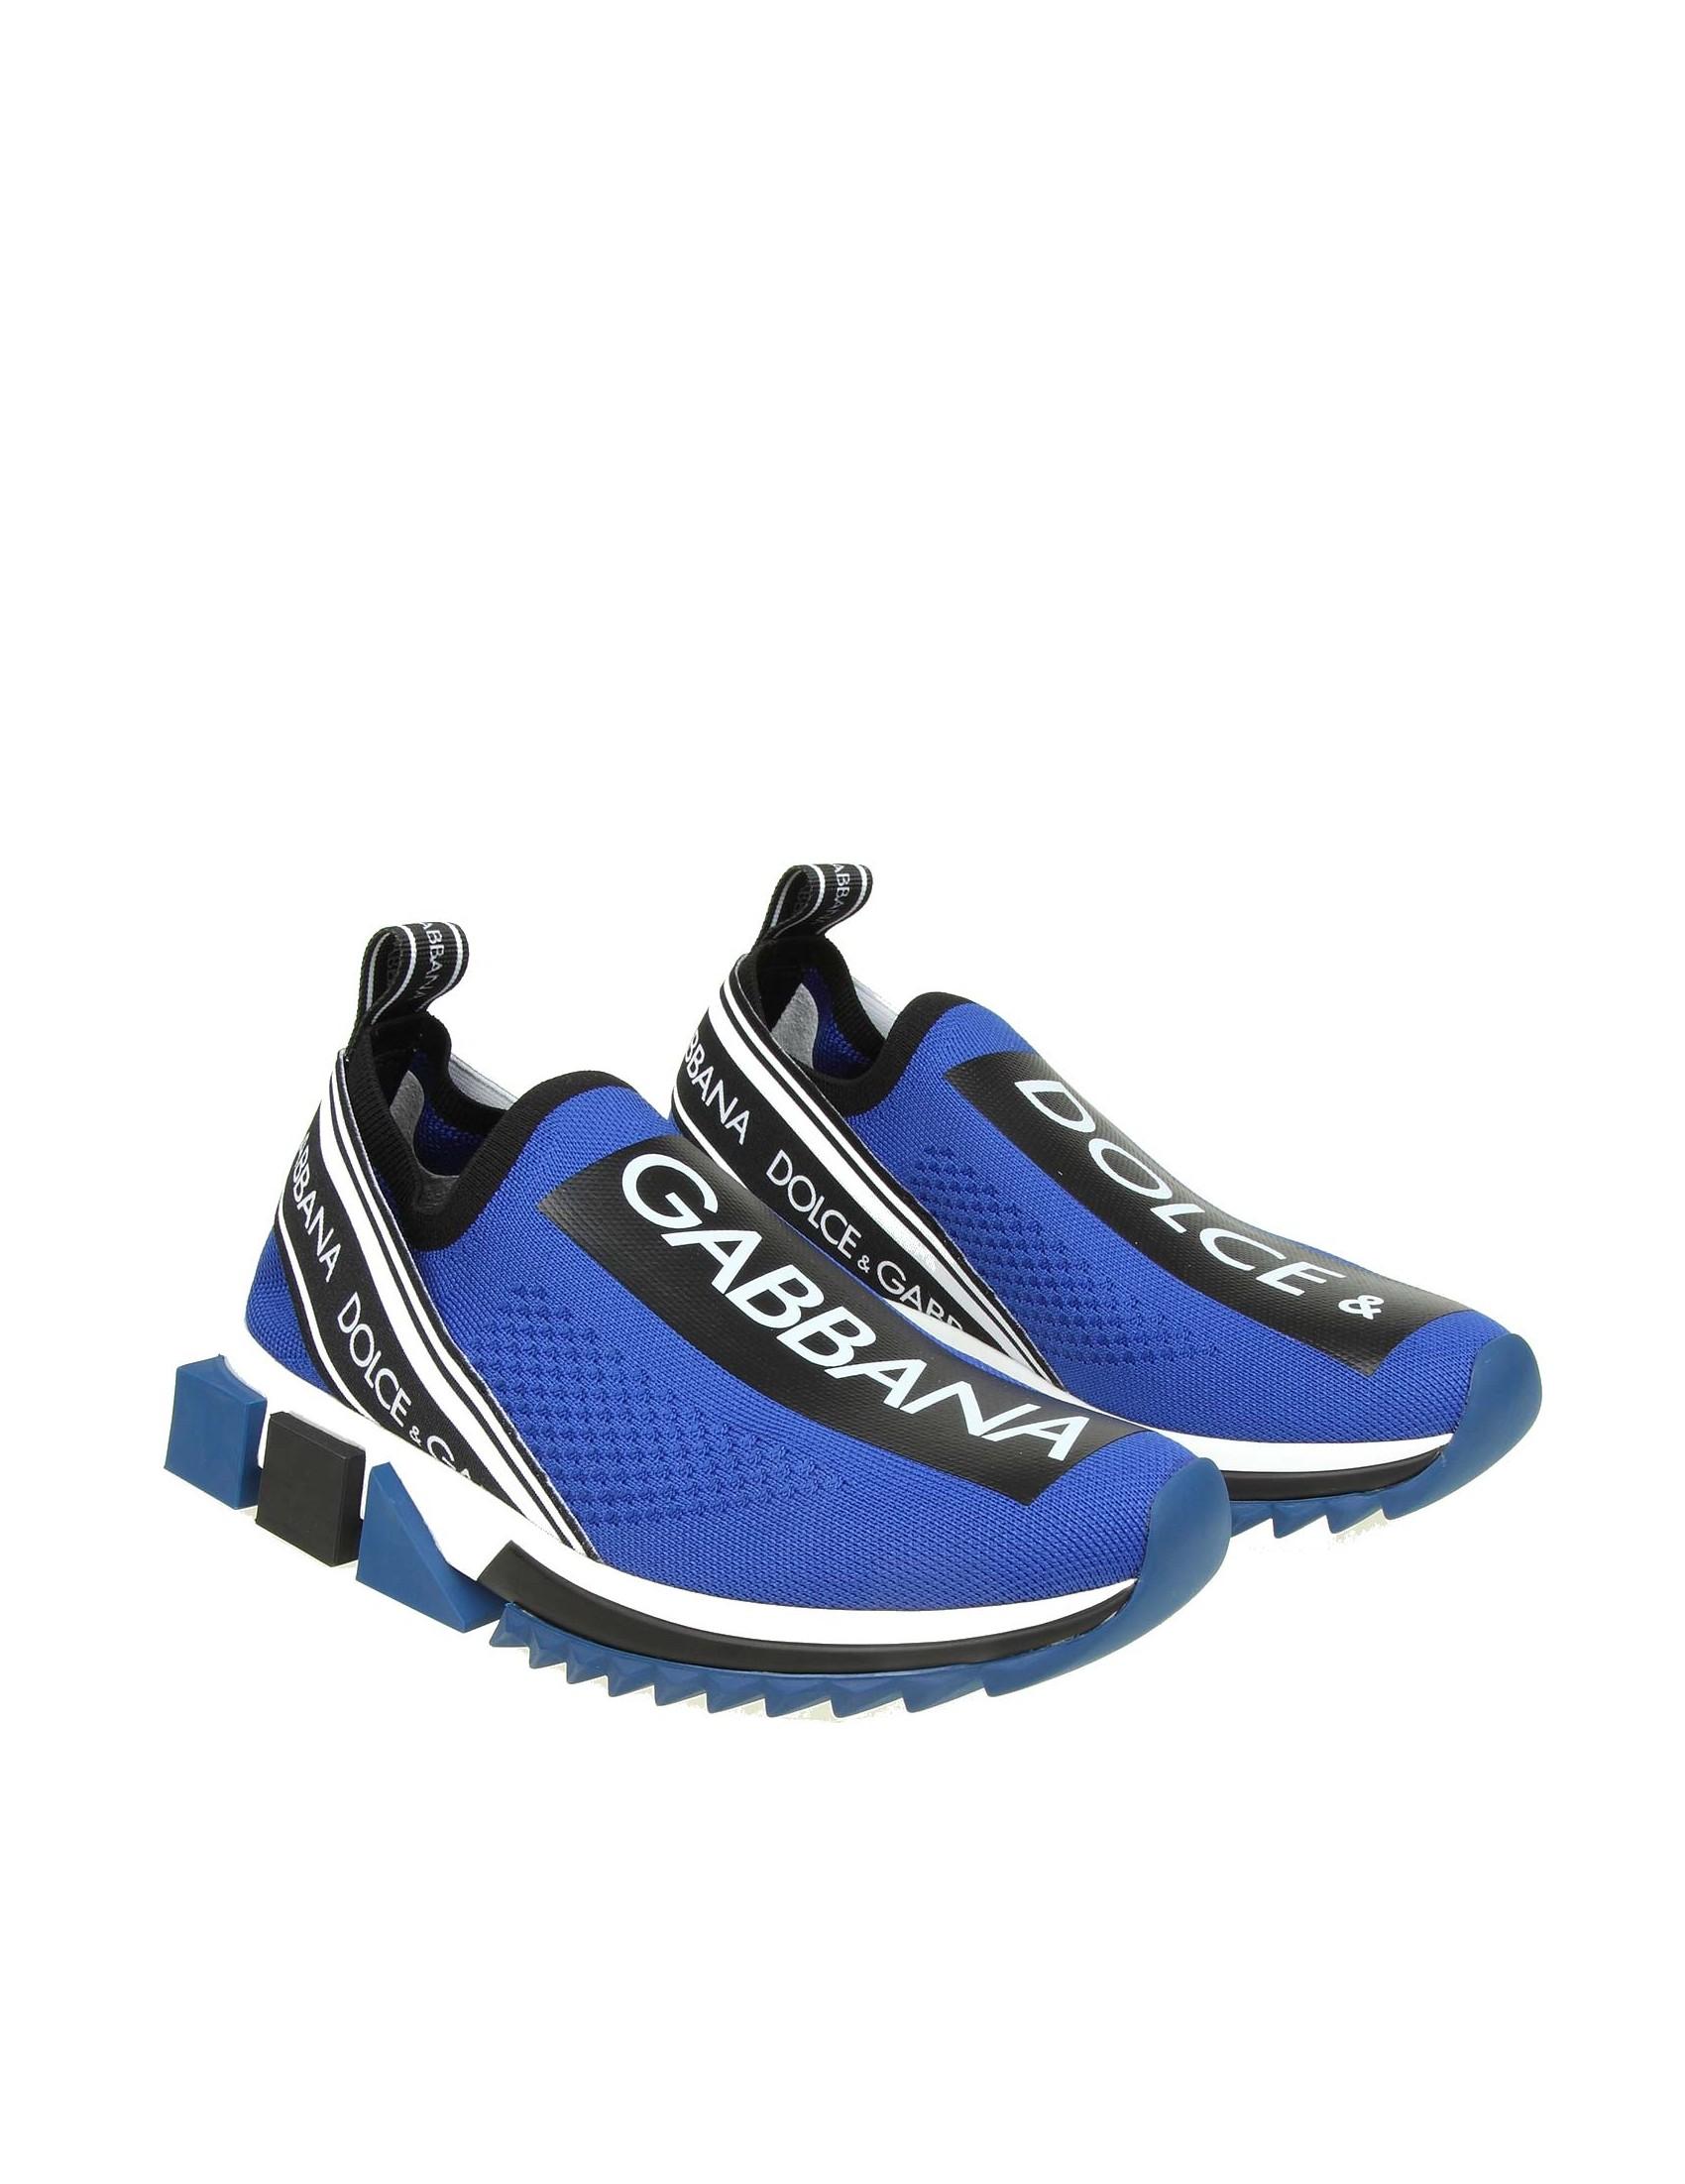 Sorrento Con Gabbana Colore Logo Elettriconero amp  Sneakers Blu Dolce  qRHU6x 3cb5a740ada